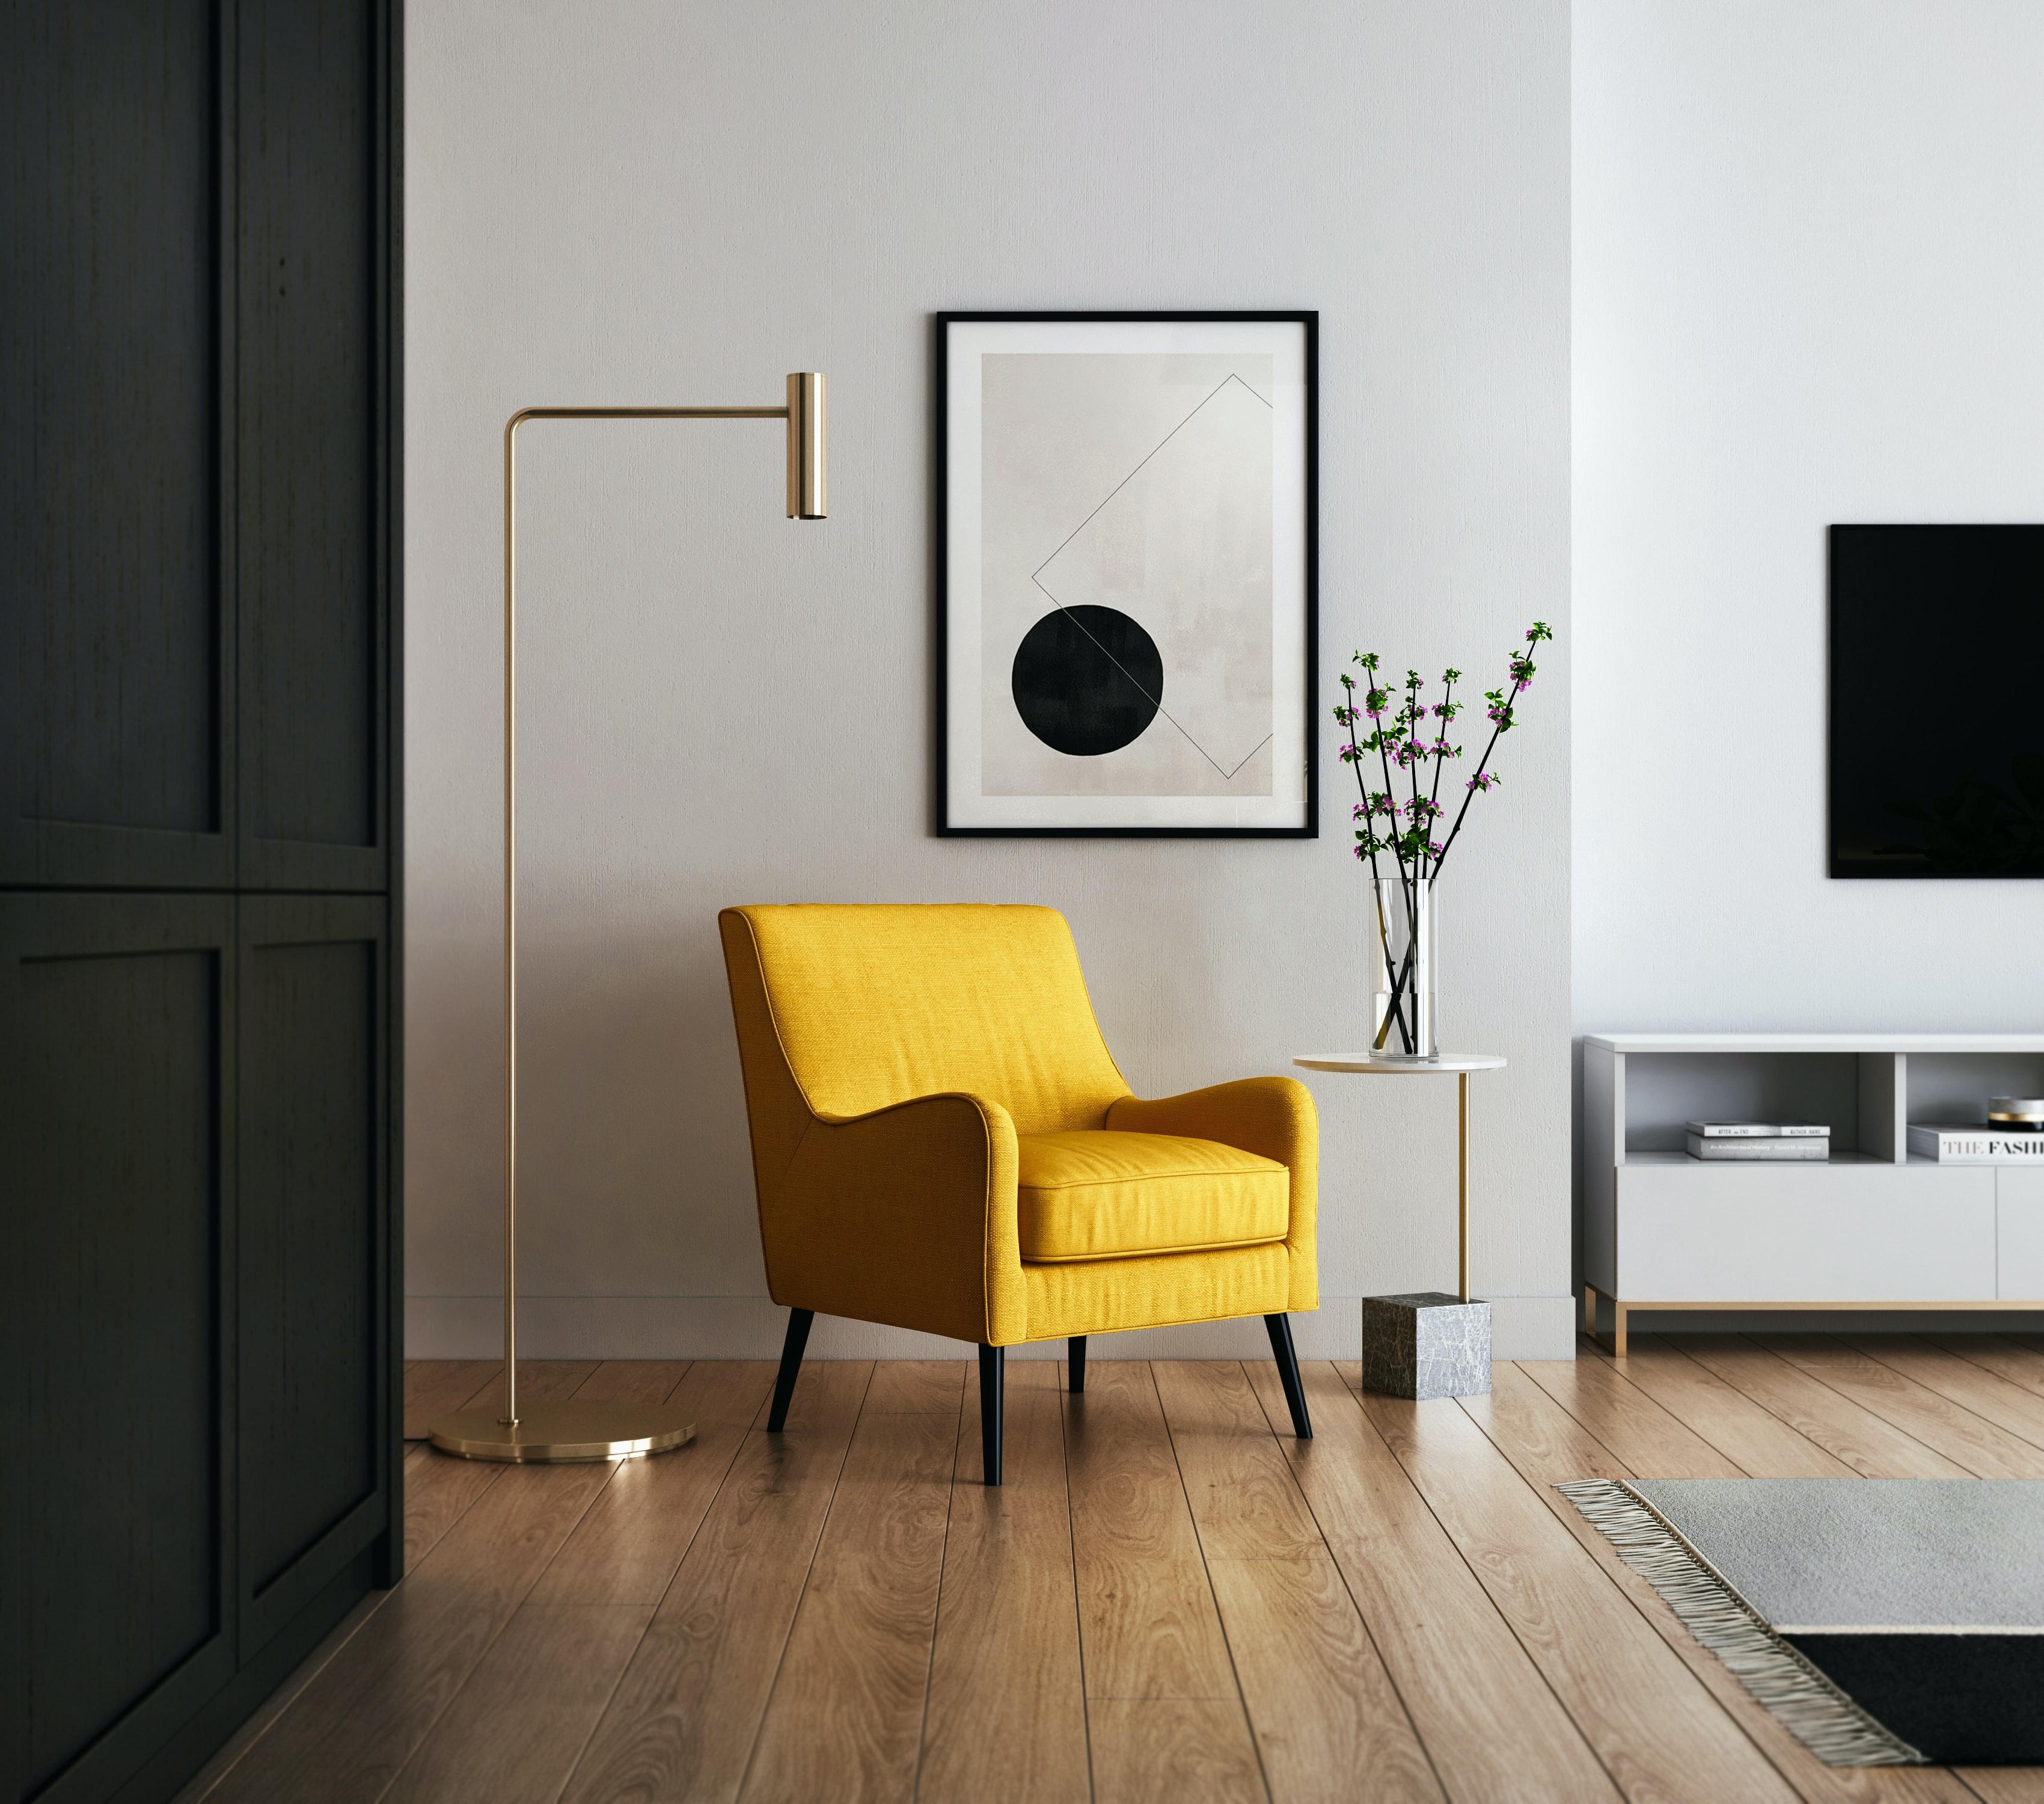 kam idris  HqHX3LBN18 unsplash - Udsmyk hjemmet med elegante designklassikere